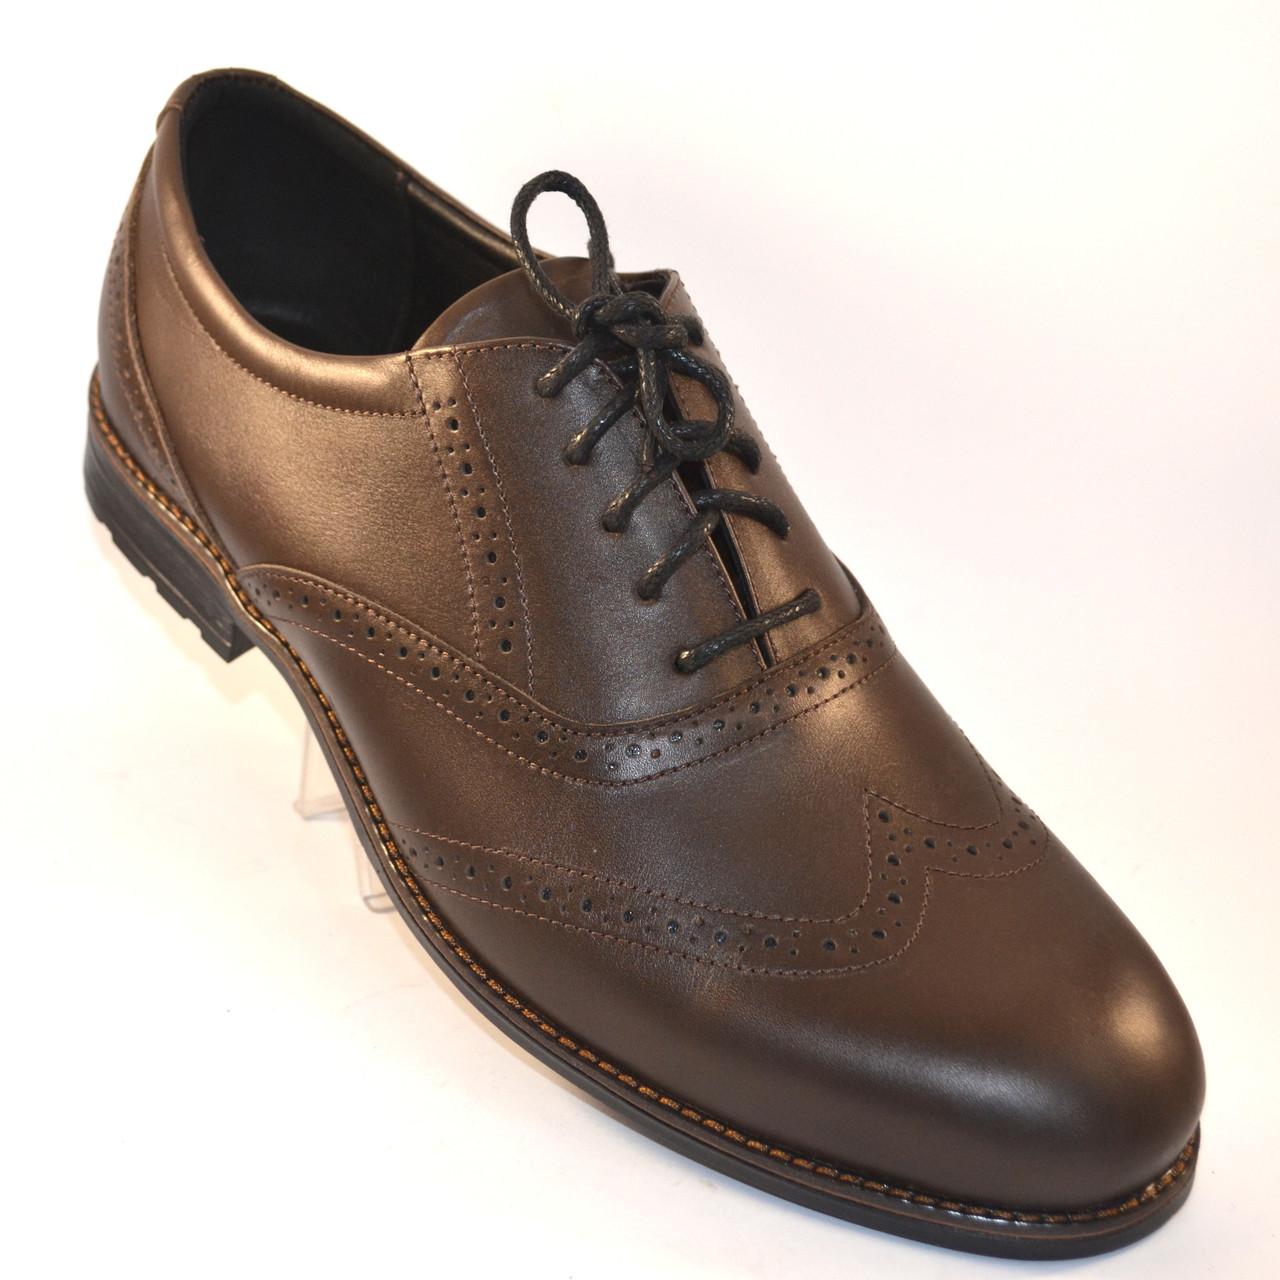 177d0b739 ... фото · Большой размер туфли мужские броги оксфорды кожа коричневые  Rosso Avangard BS Felicite Brown Leather, ...